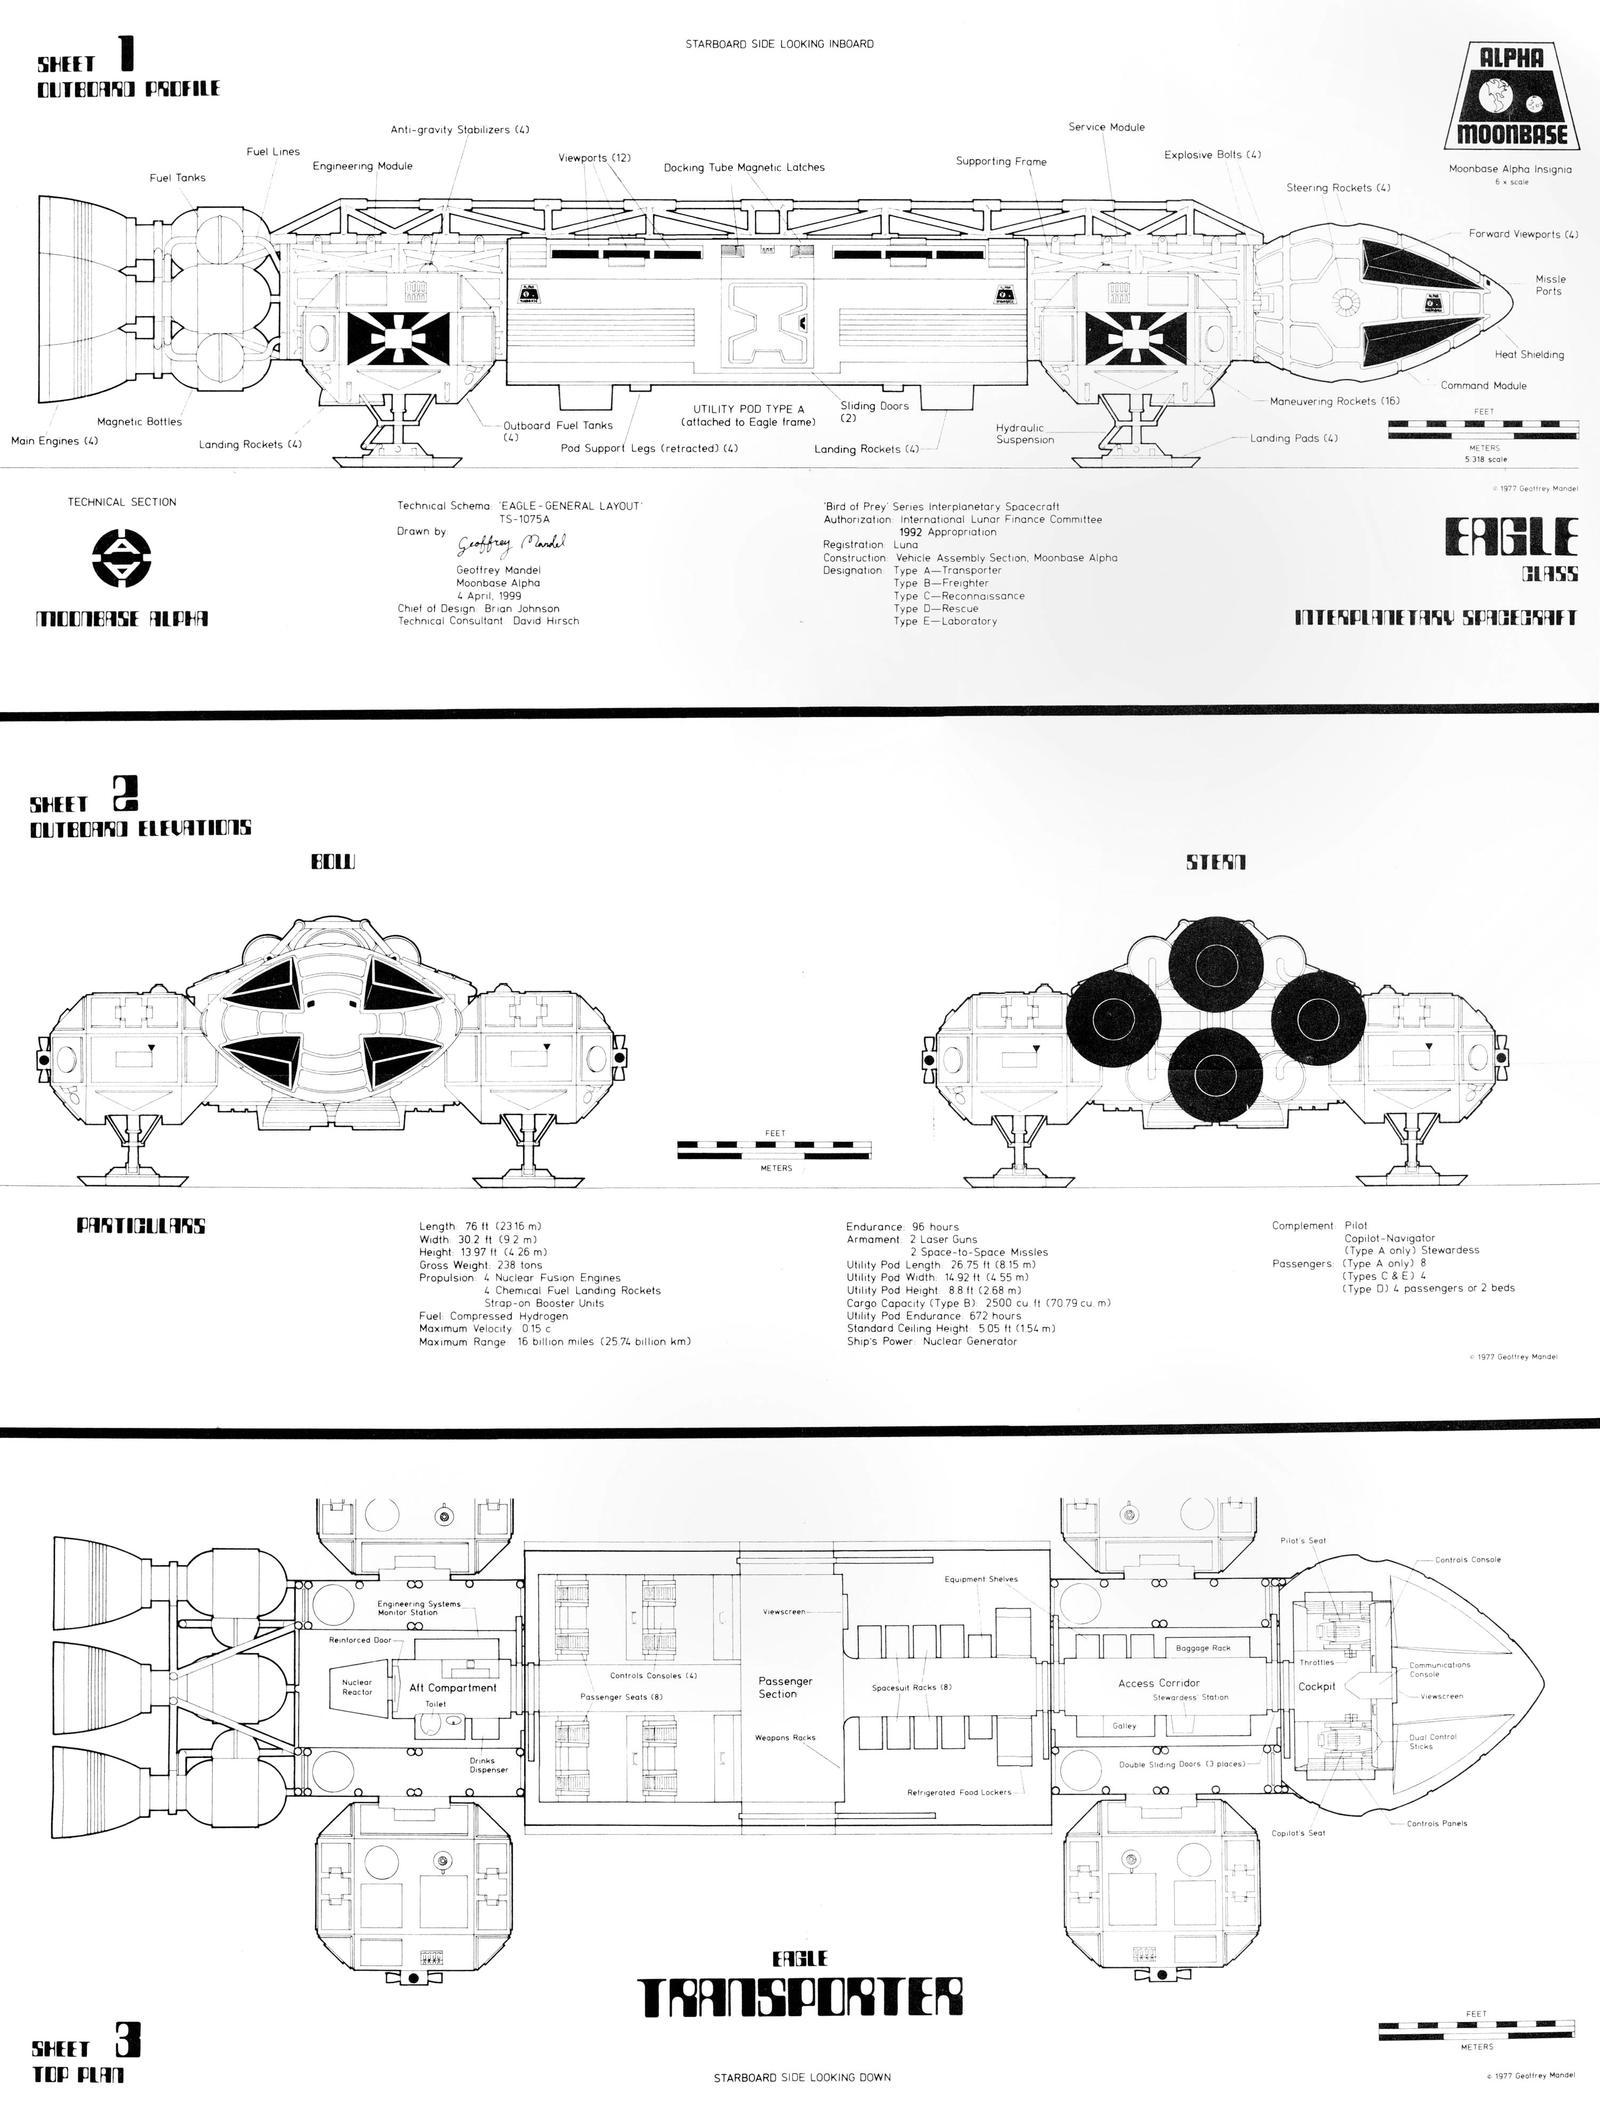 space 1999 eagle blueprints pdf